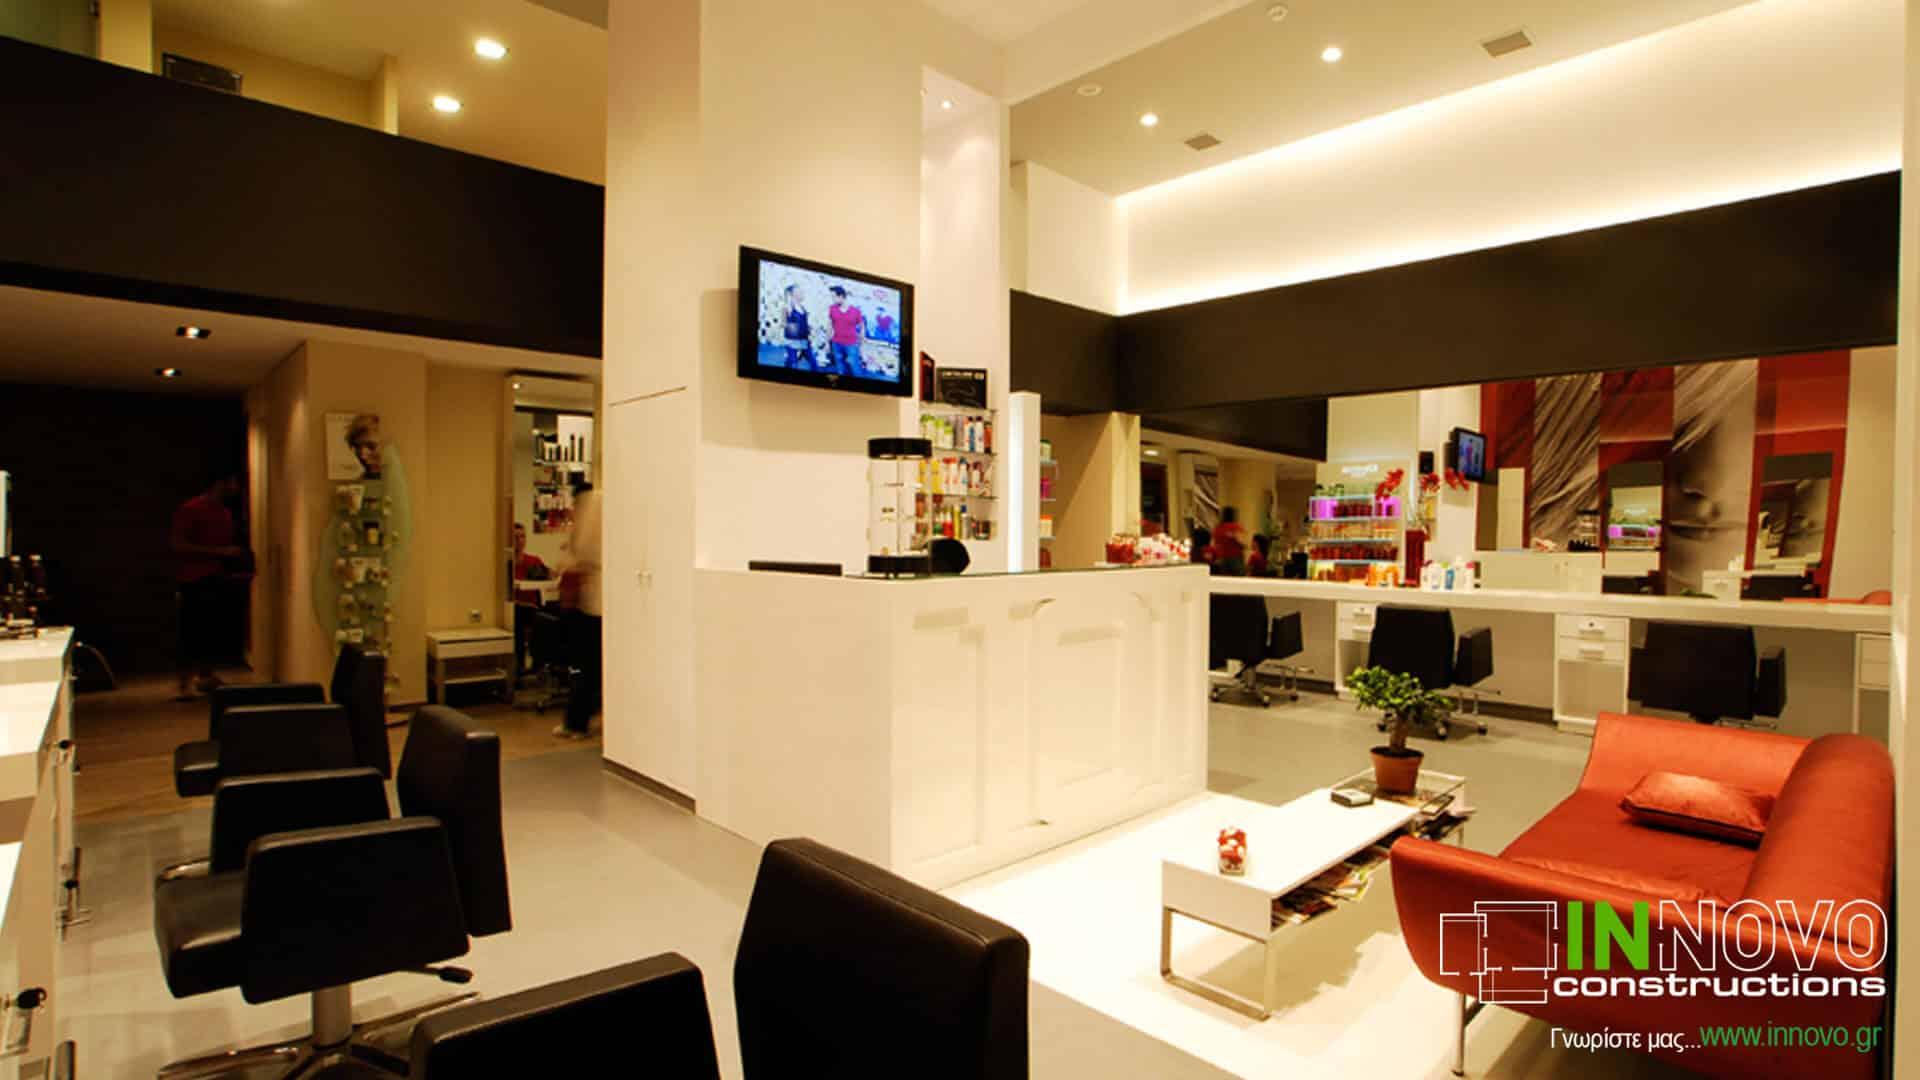 diakosmisi-kommotiriou-hairdressers-design-kommotirio-lazarou-869